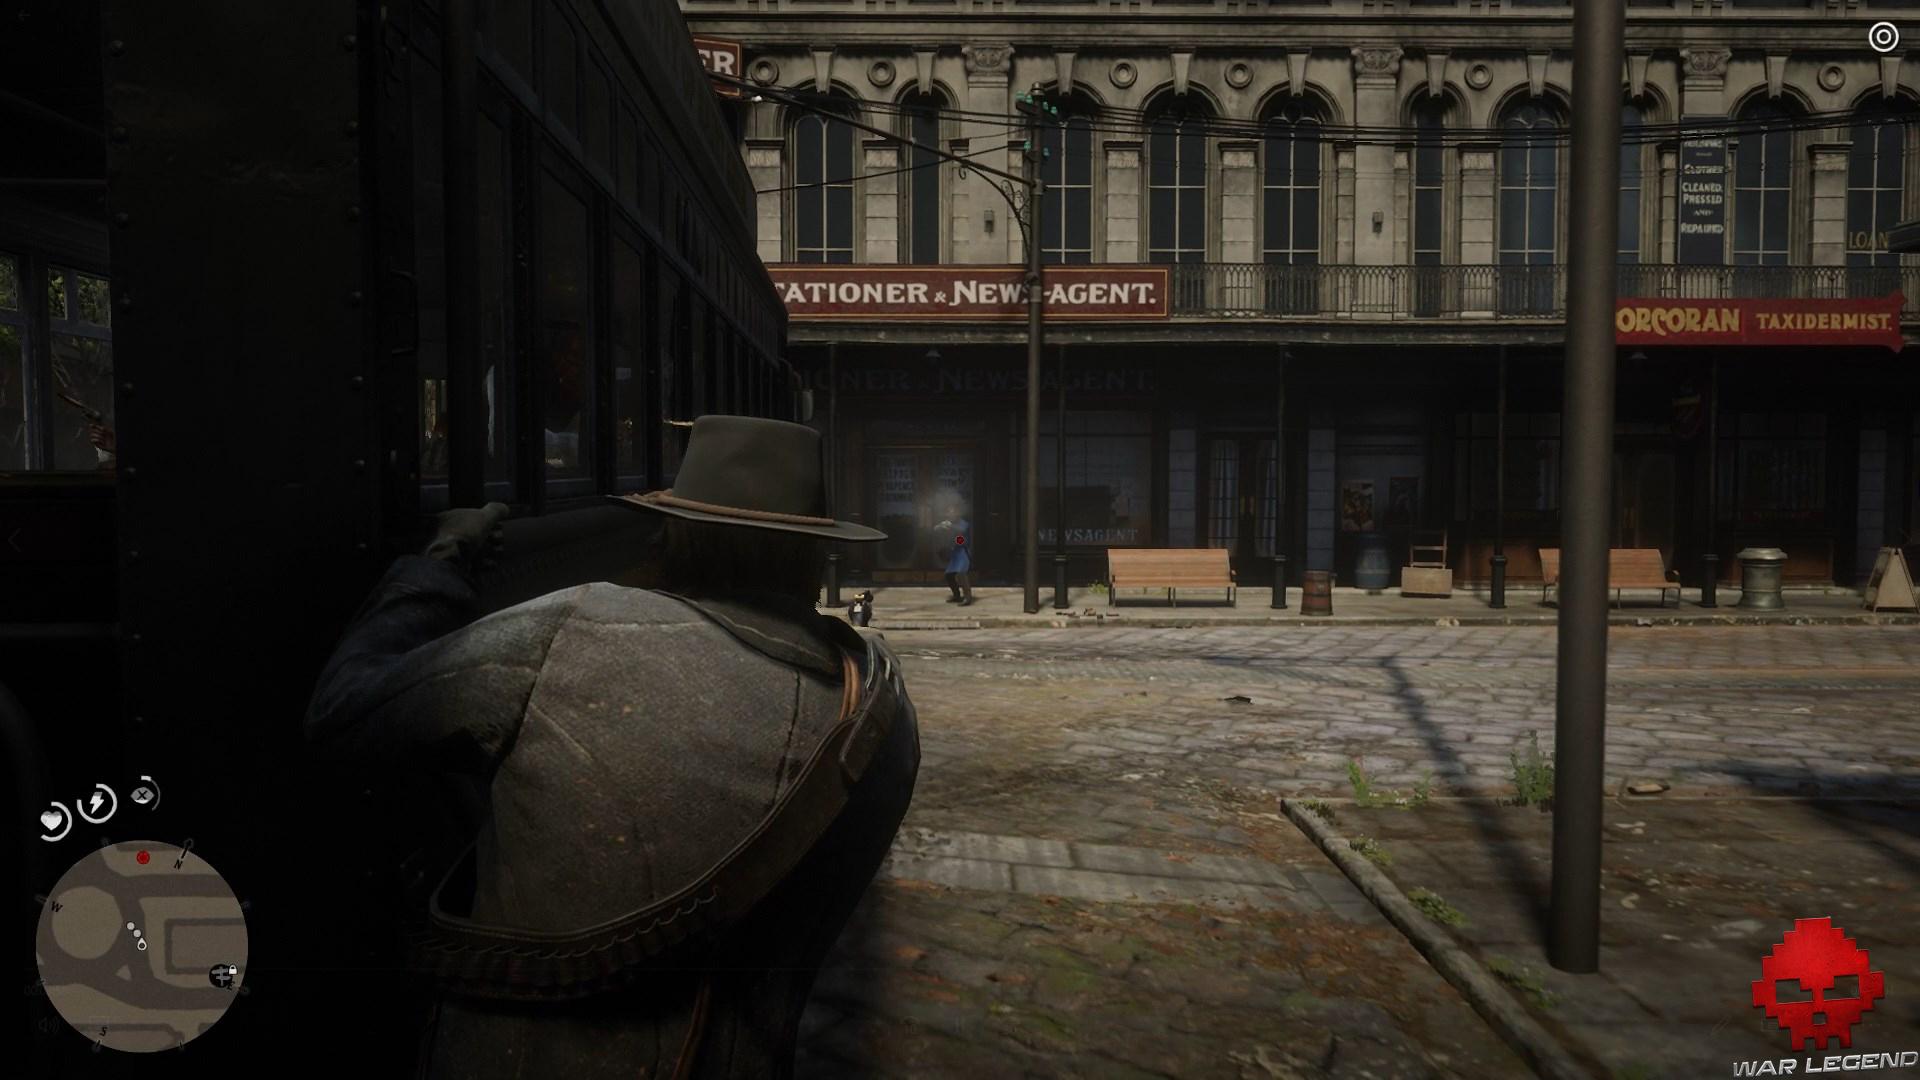 soluce red dead redemption 2 les plaisirs de la ville tir sur un policier depuis le tramway